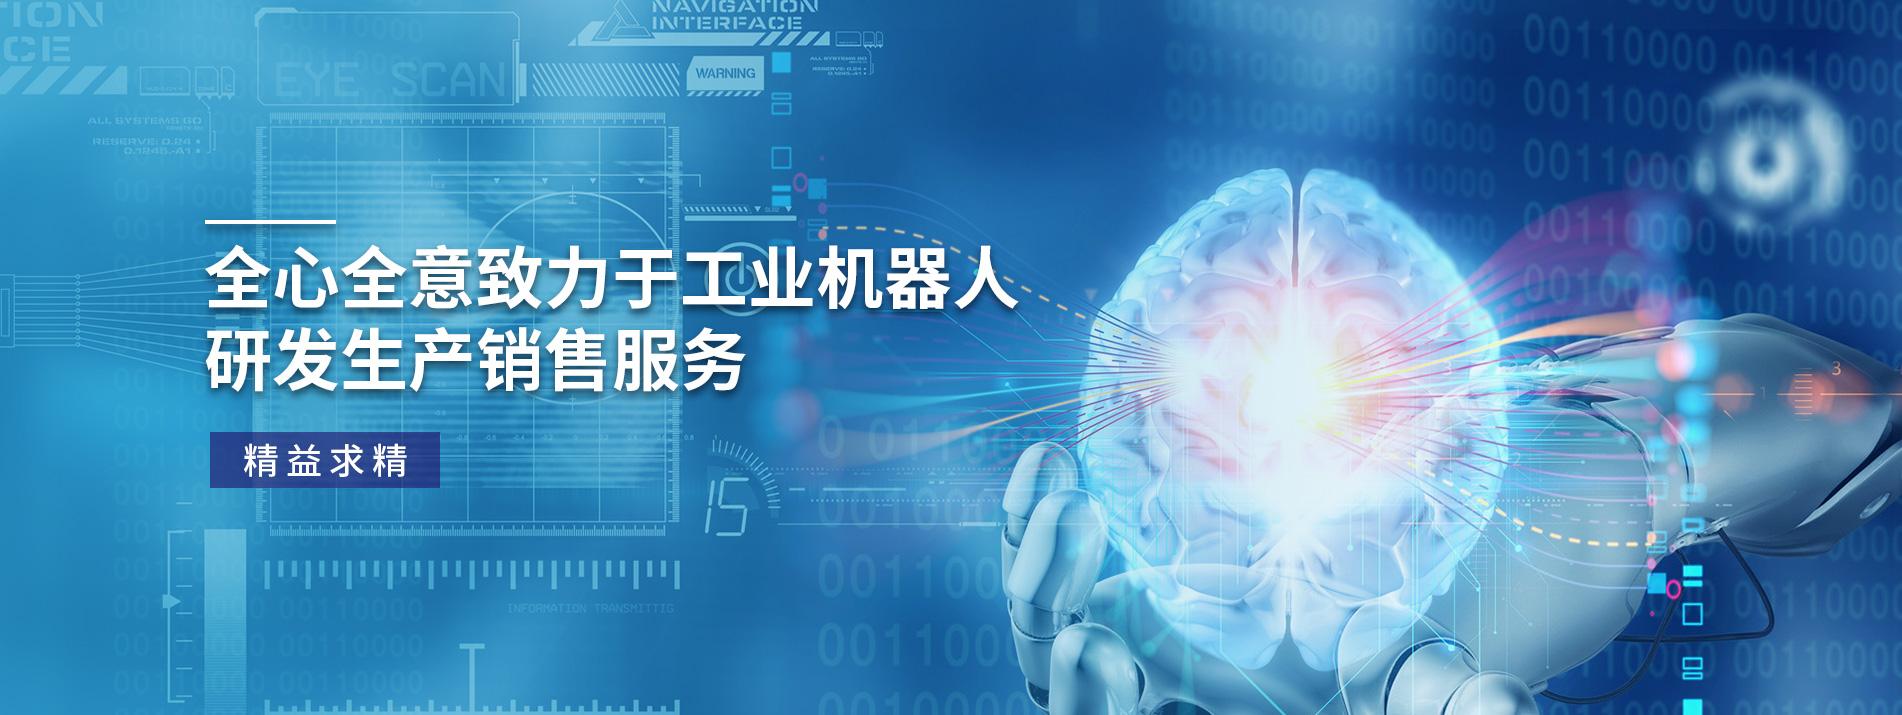 上海柴孚机器人有限公司